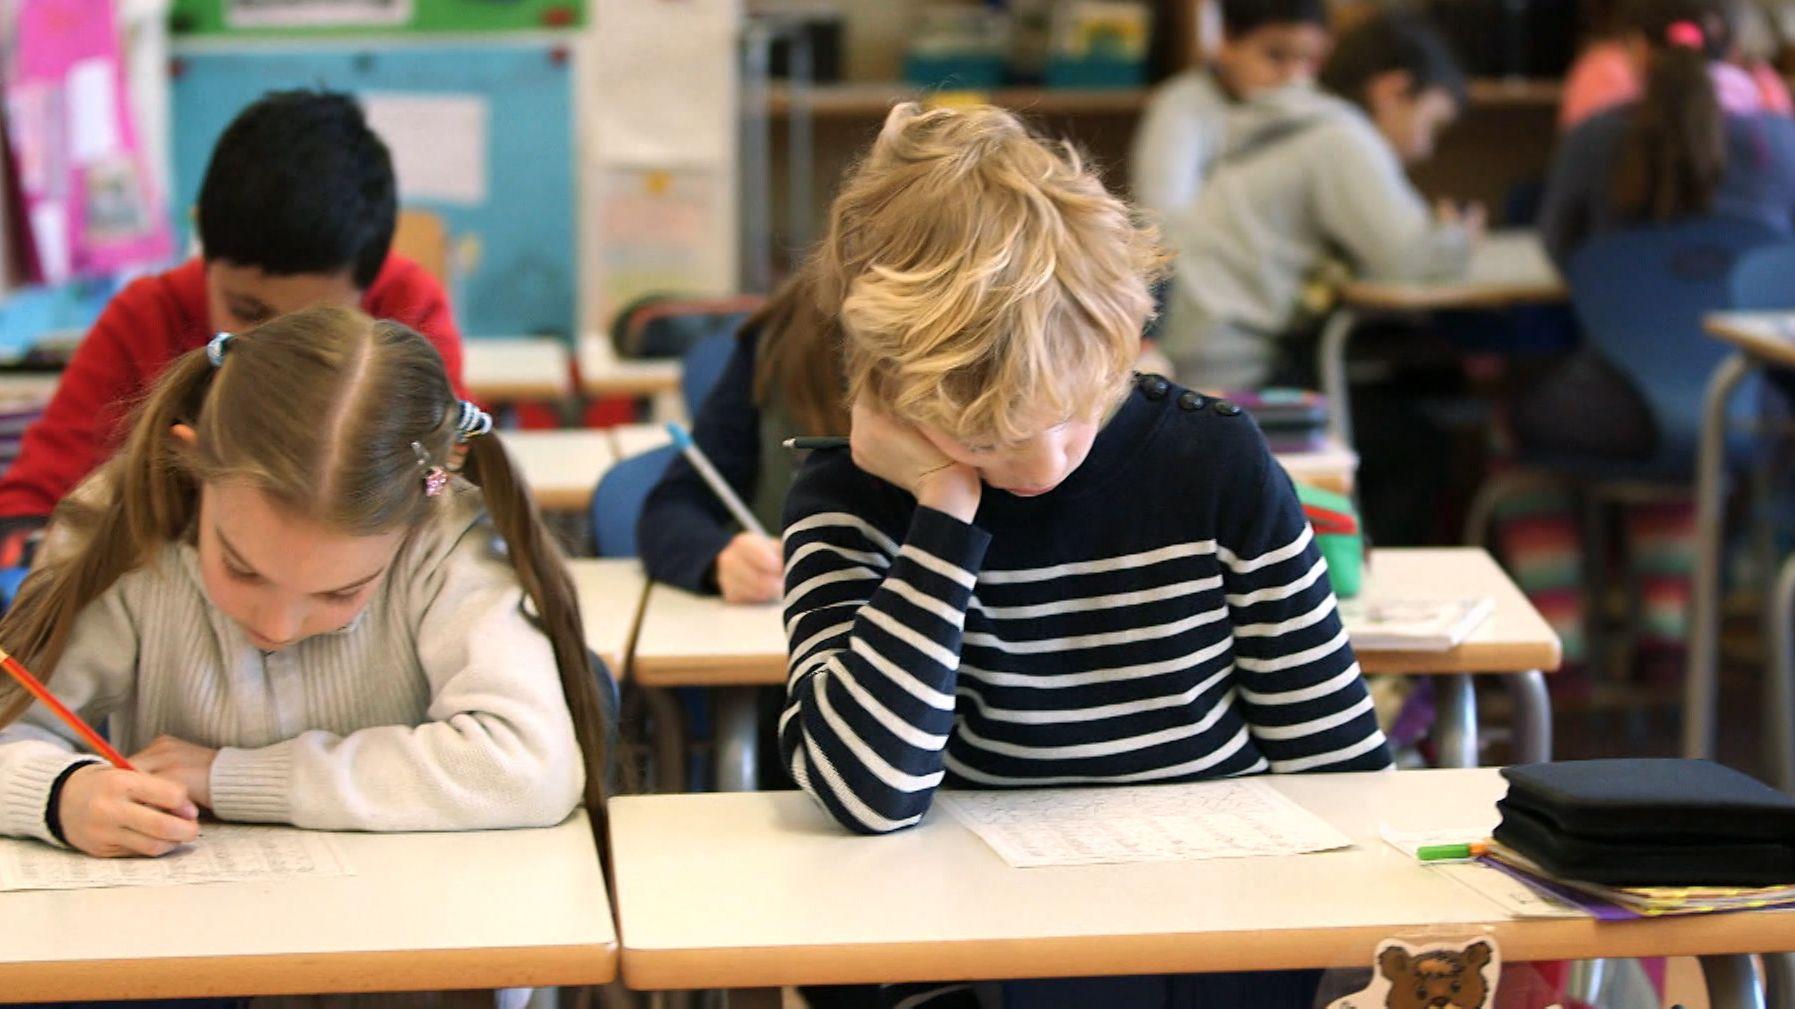 Mehr als 20 Prozent aller Kinder und Jugendlichen sind inzwischen in Deutschland von Armut betroffen. Die Kluft zwischen armen und reichen Familien wächst zunehmend.